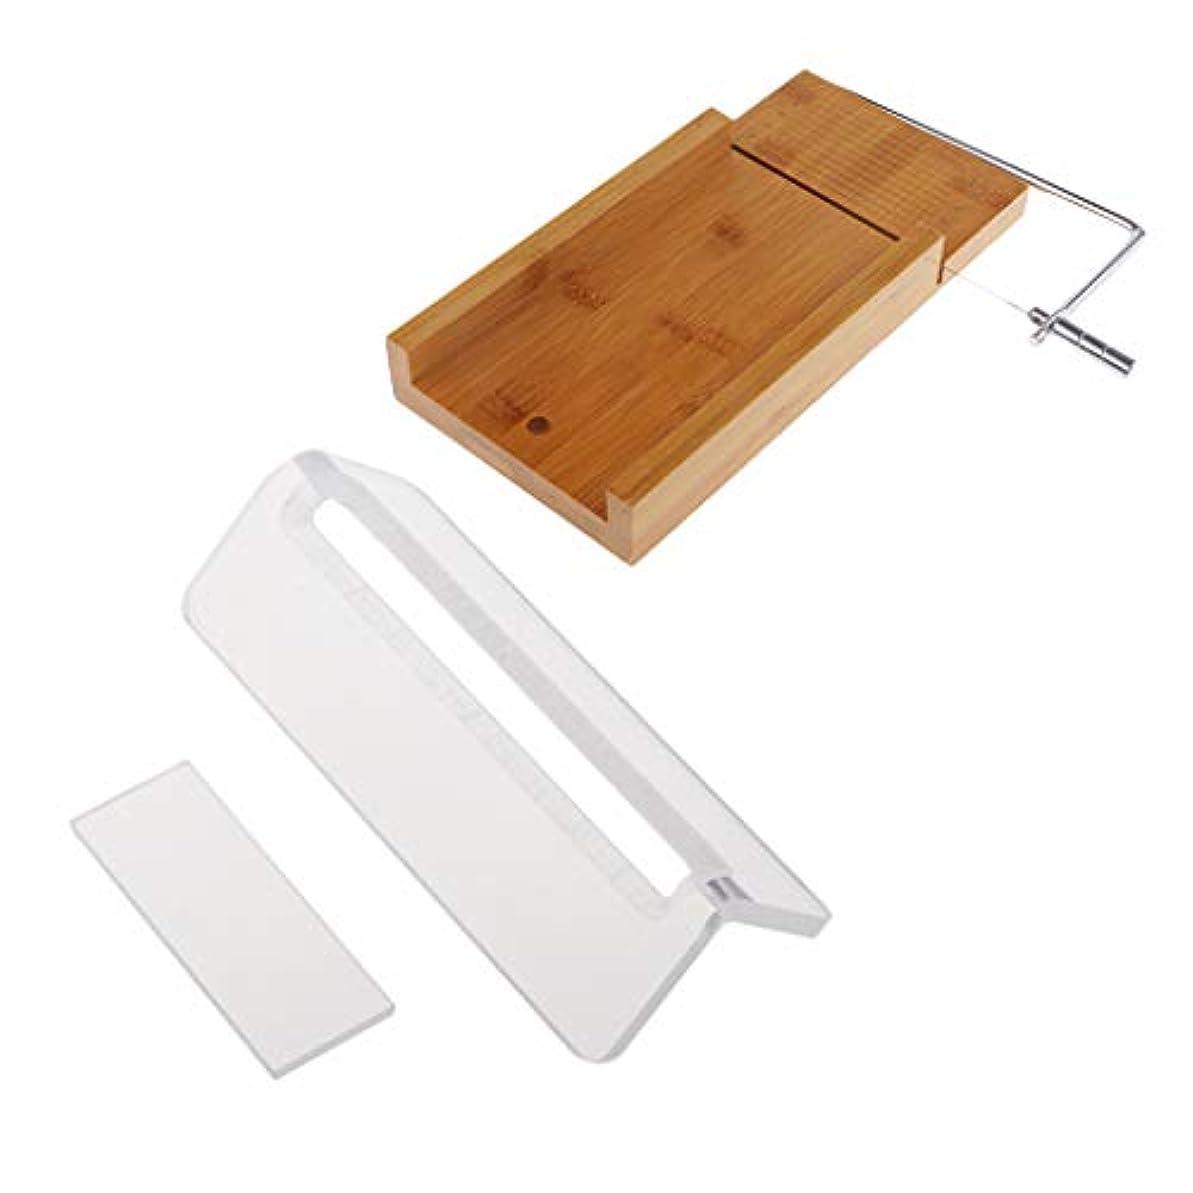 狼滑り台王朝FLAMEER ローフカッター 木製 ソープ包丁 石鹸カッター 手作り石鹸 DIY キッチン用品 2個入り